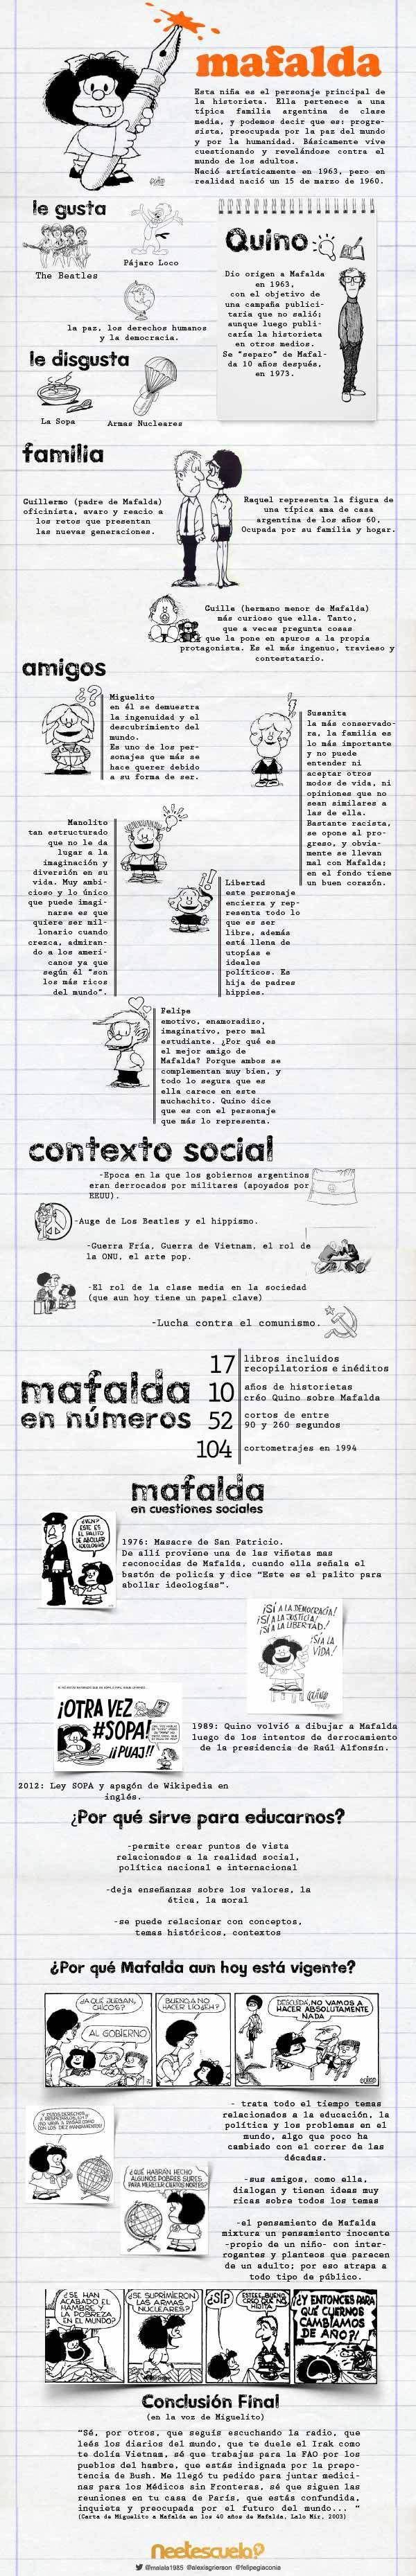 El Mundo de Mafalda #infografia: